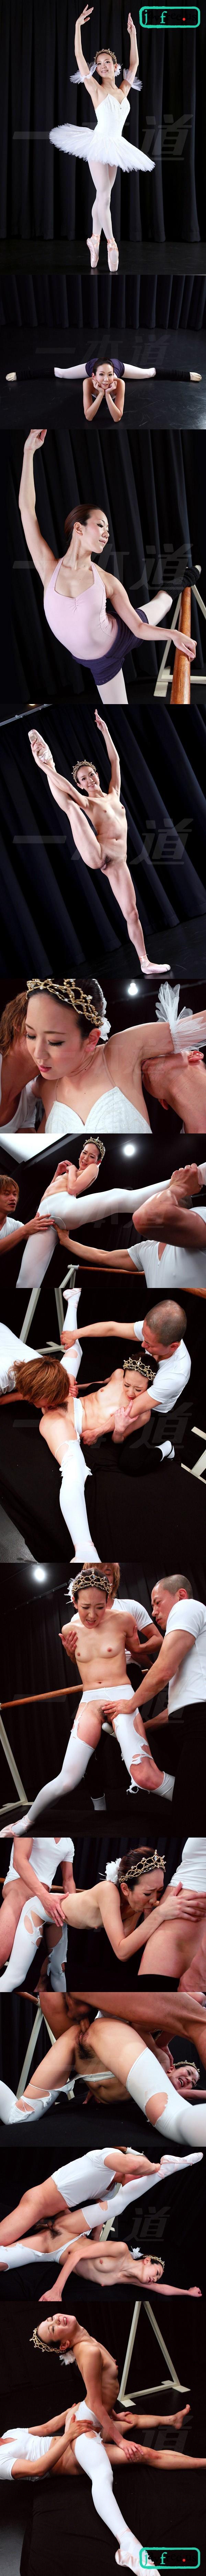 一本道 061811 118 小嶋実花 「初裏公演!恥じらい裸バレエ」 小嶋実花 一本道 1pondo